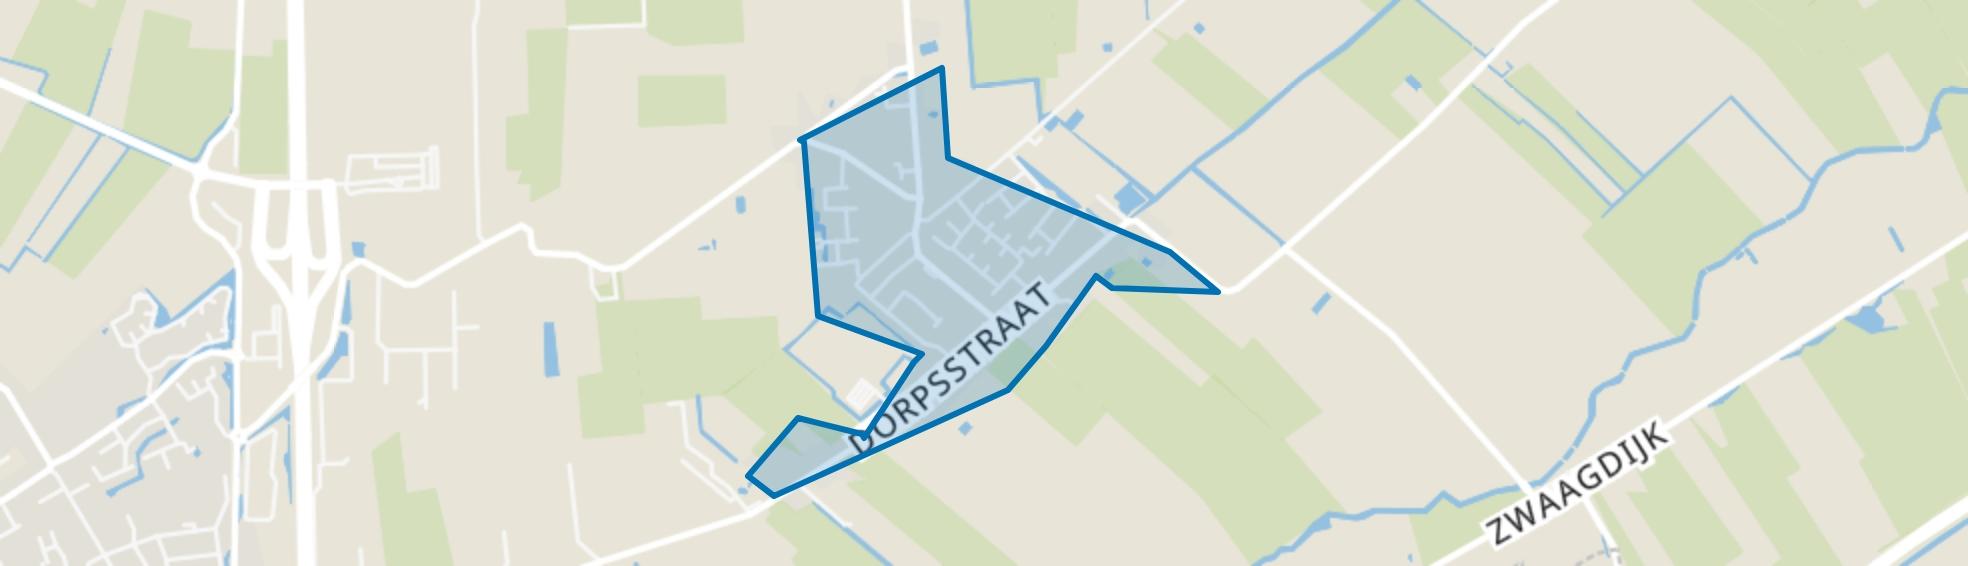 Nibbixwoud Centrum, Nibbixwoud map